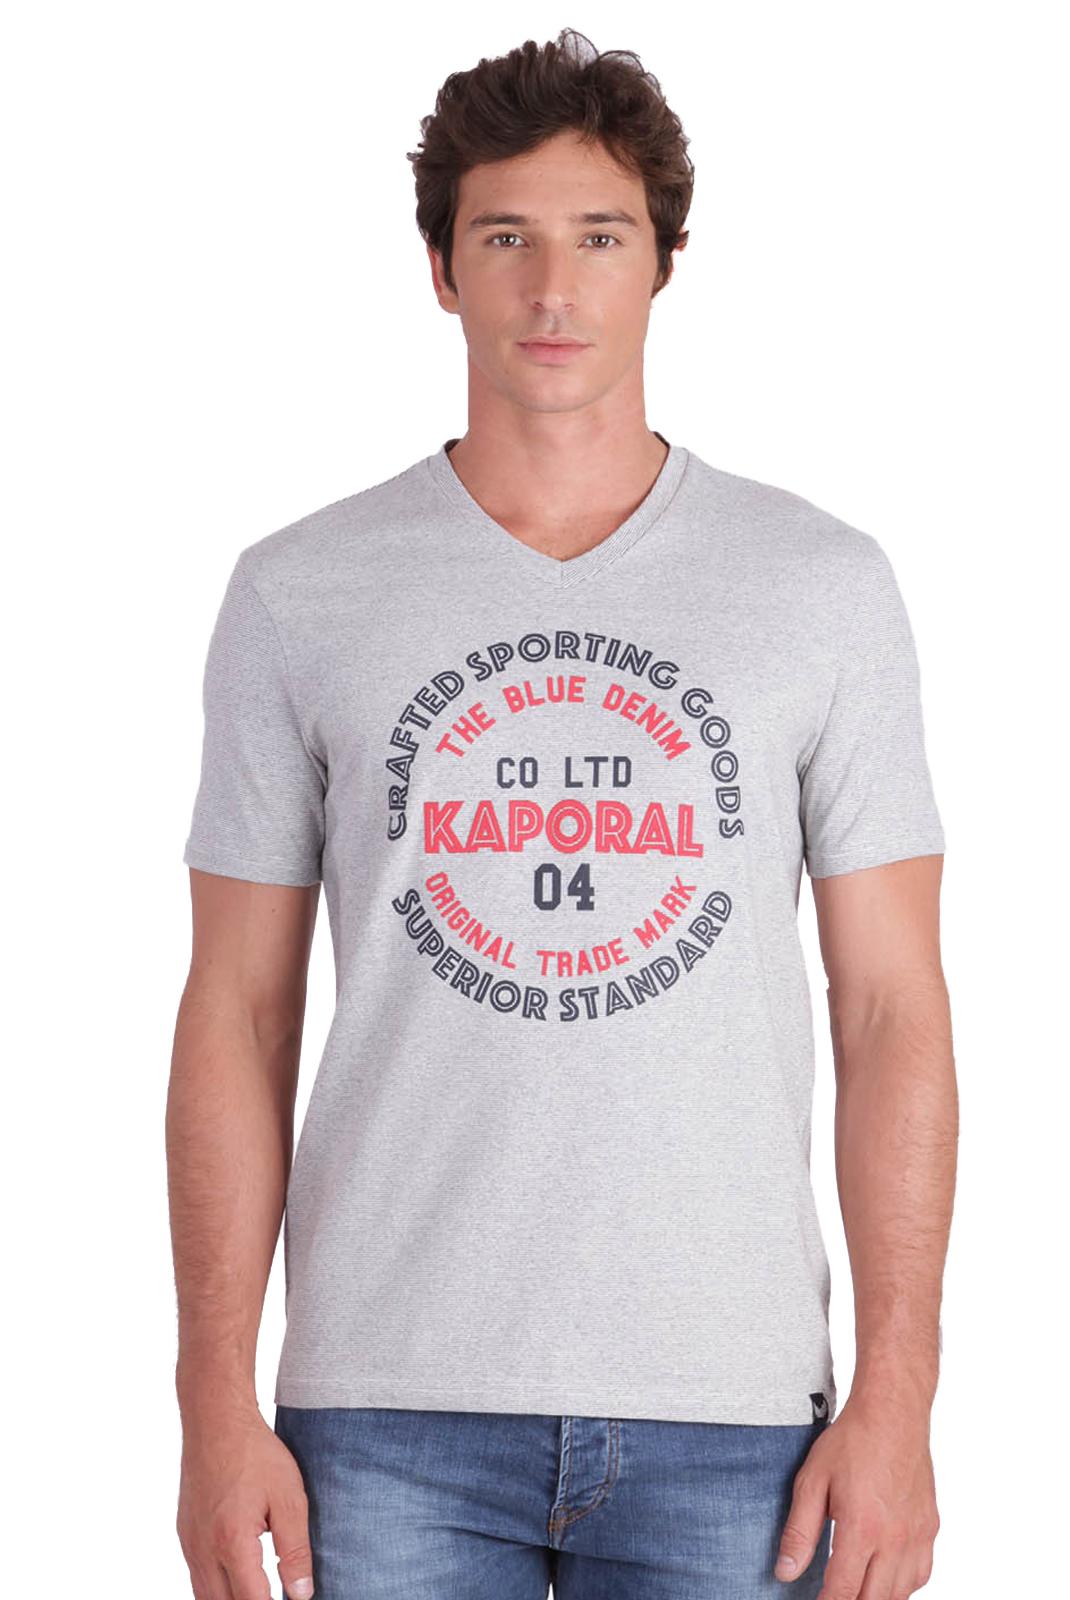 Tee-shirts  Kaporal GOLIA WHITE MEL